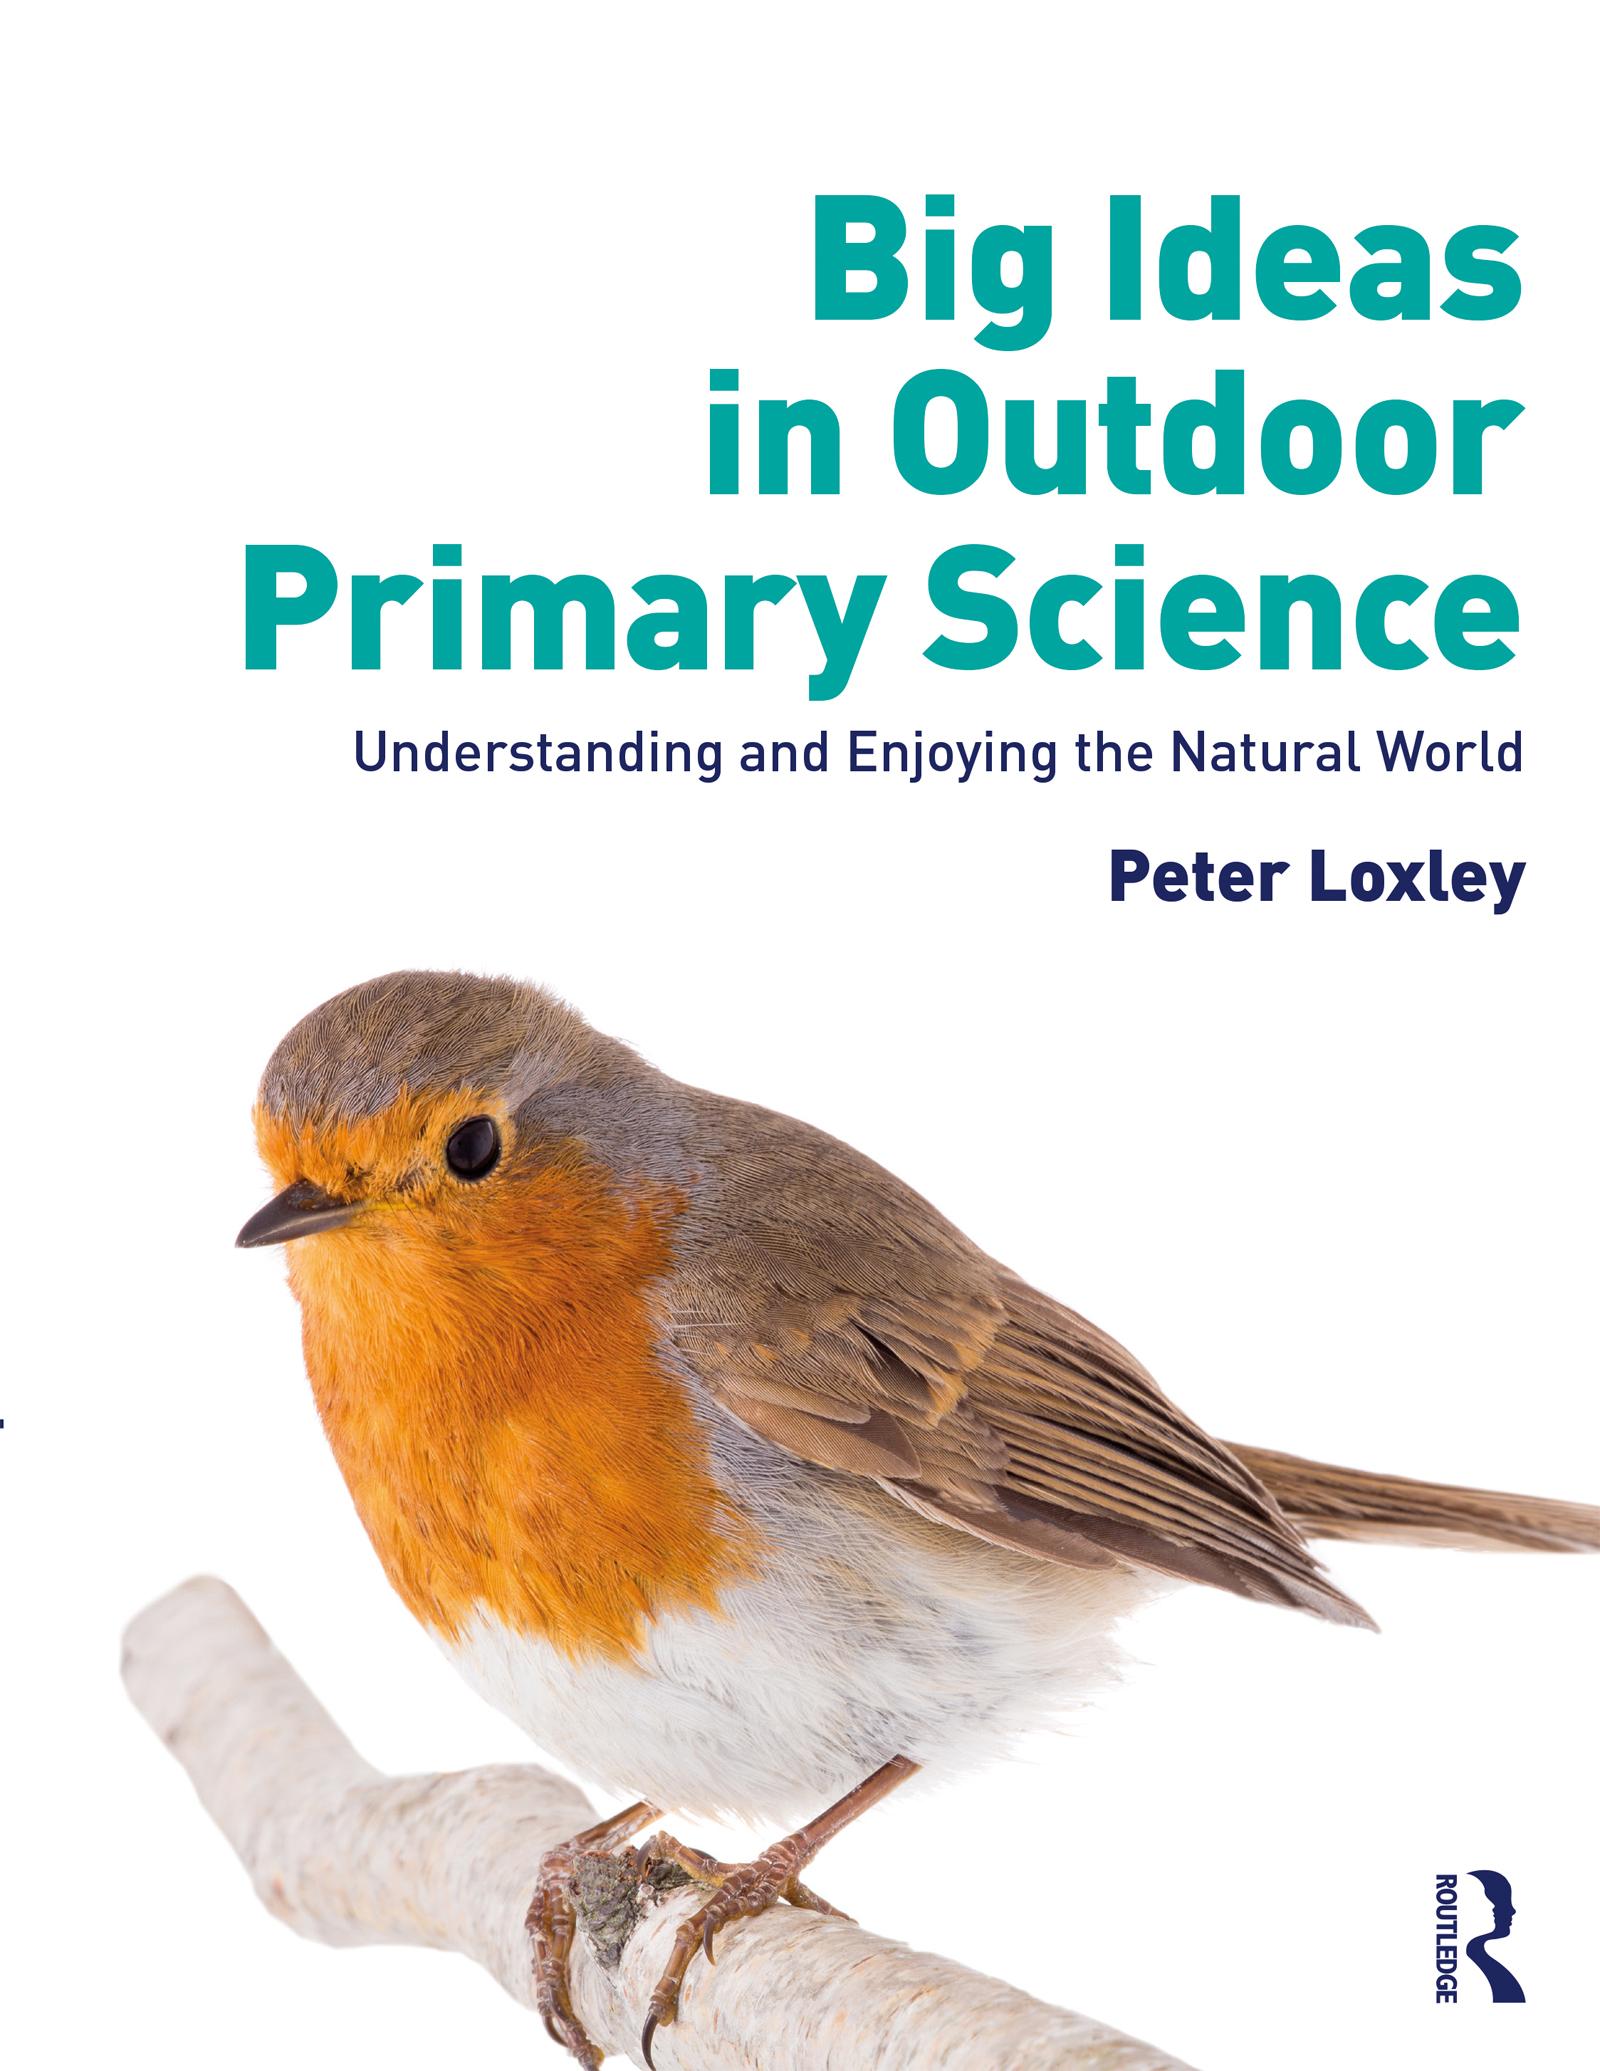 Big Ideas in Outdoor Primary Science